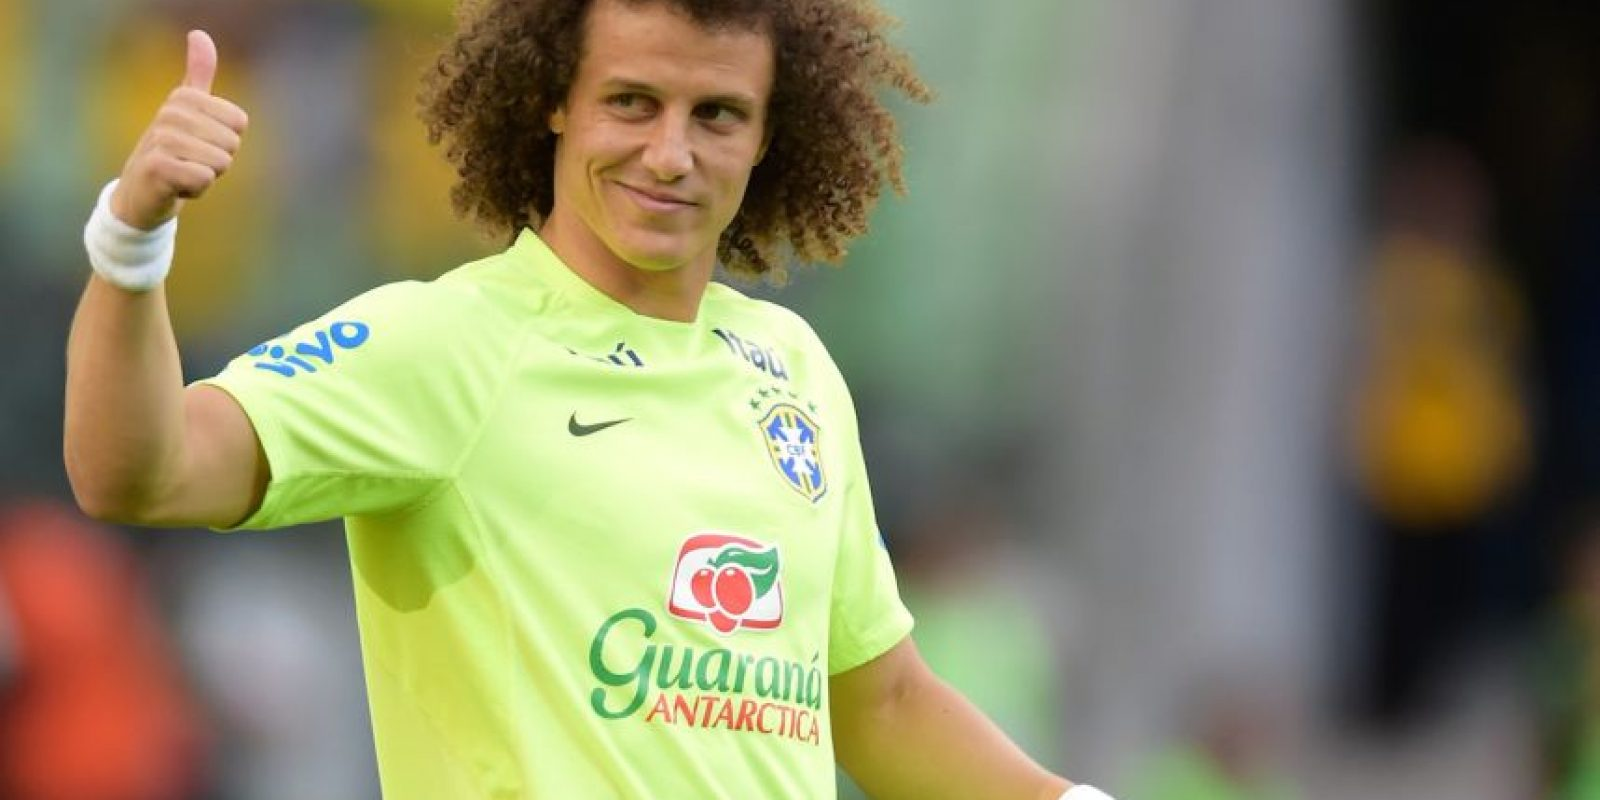 """David Luiz: """"Yo prefiero el estilo de Leo Messi, aunque Cristiano Ronaldo también es un jugador maravilloso"""". Foto:Getty Images"""